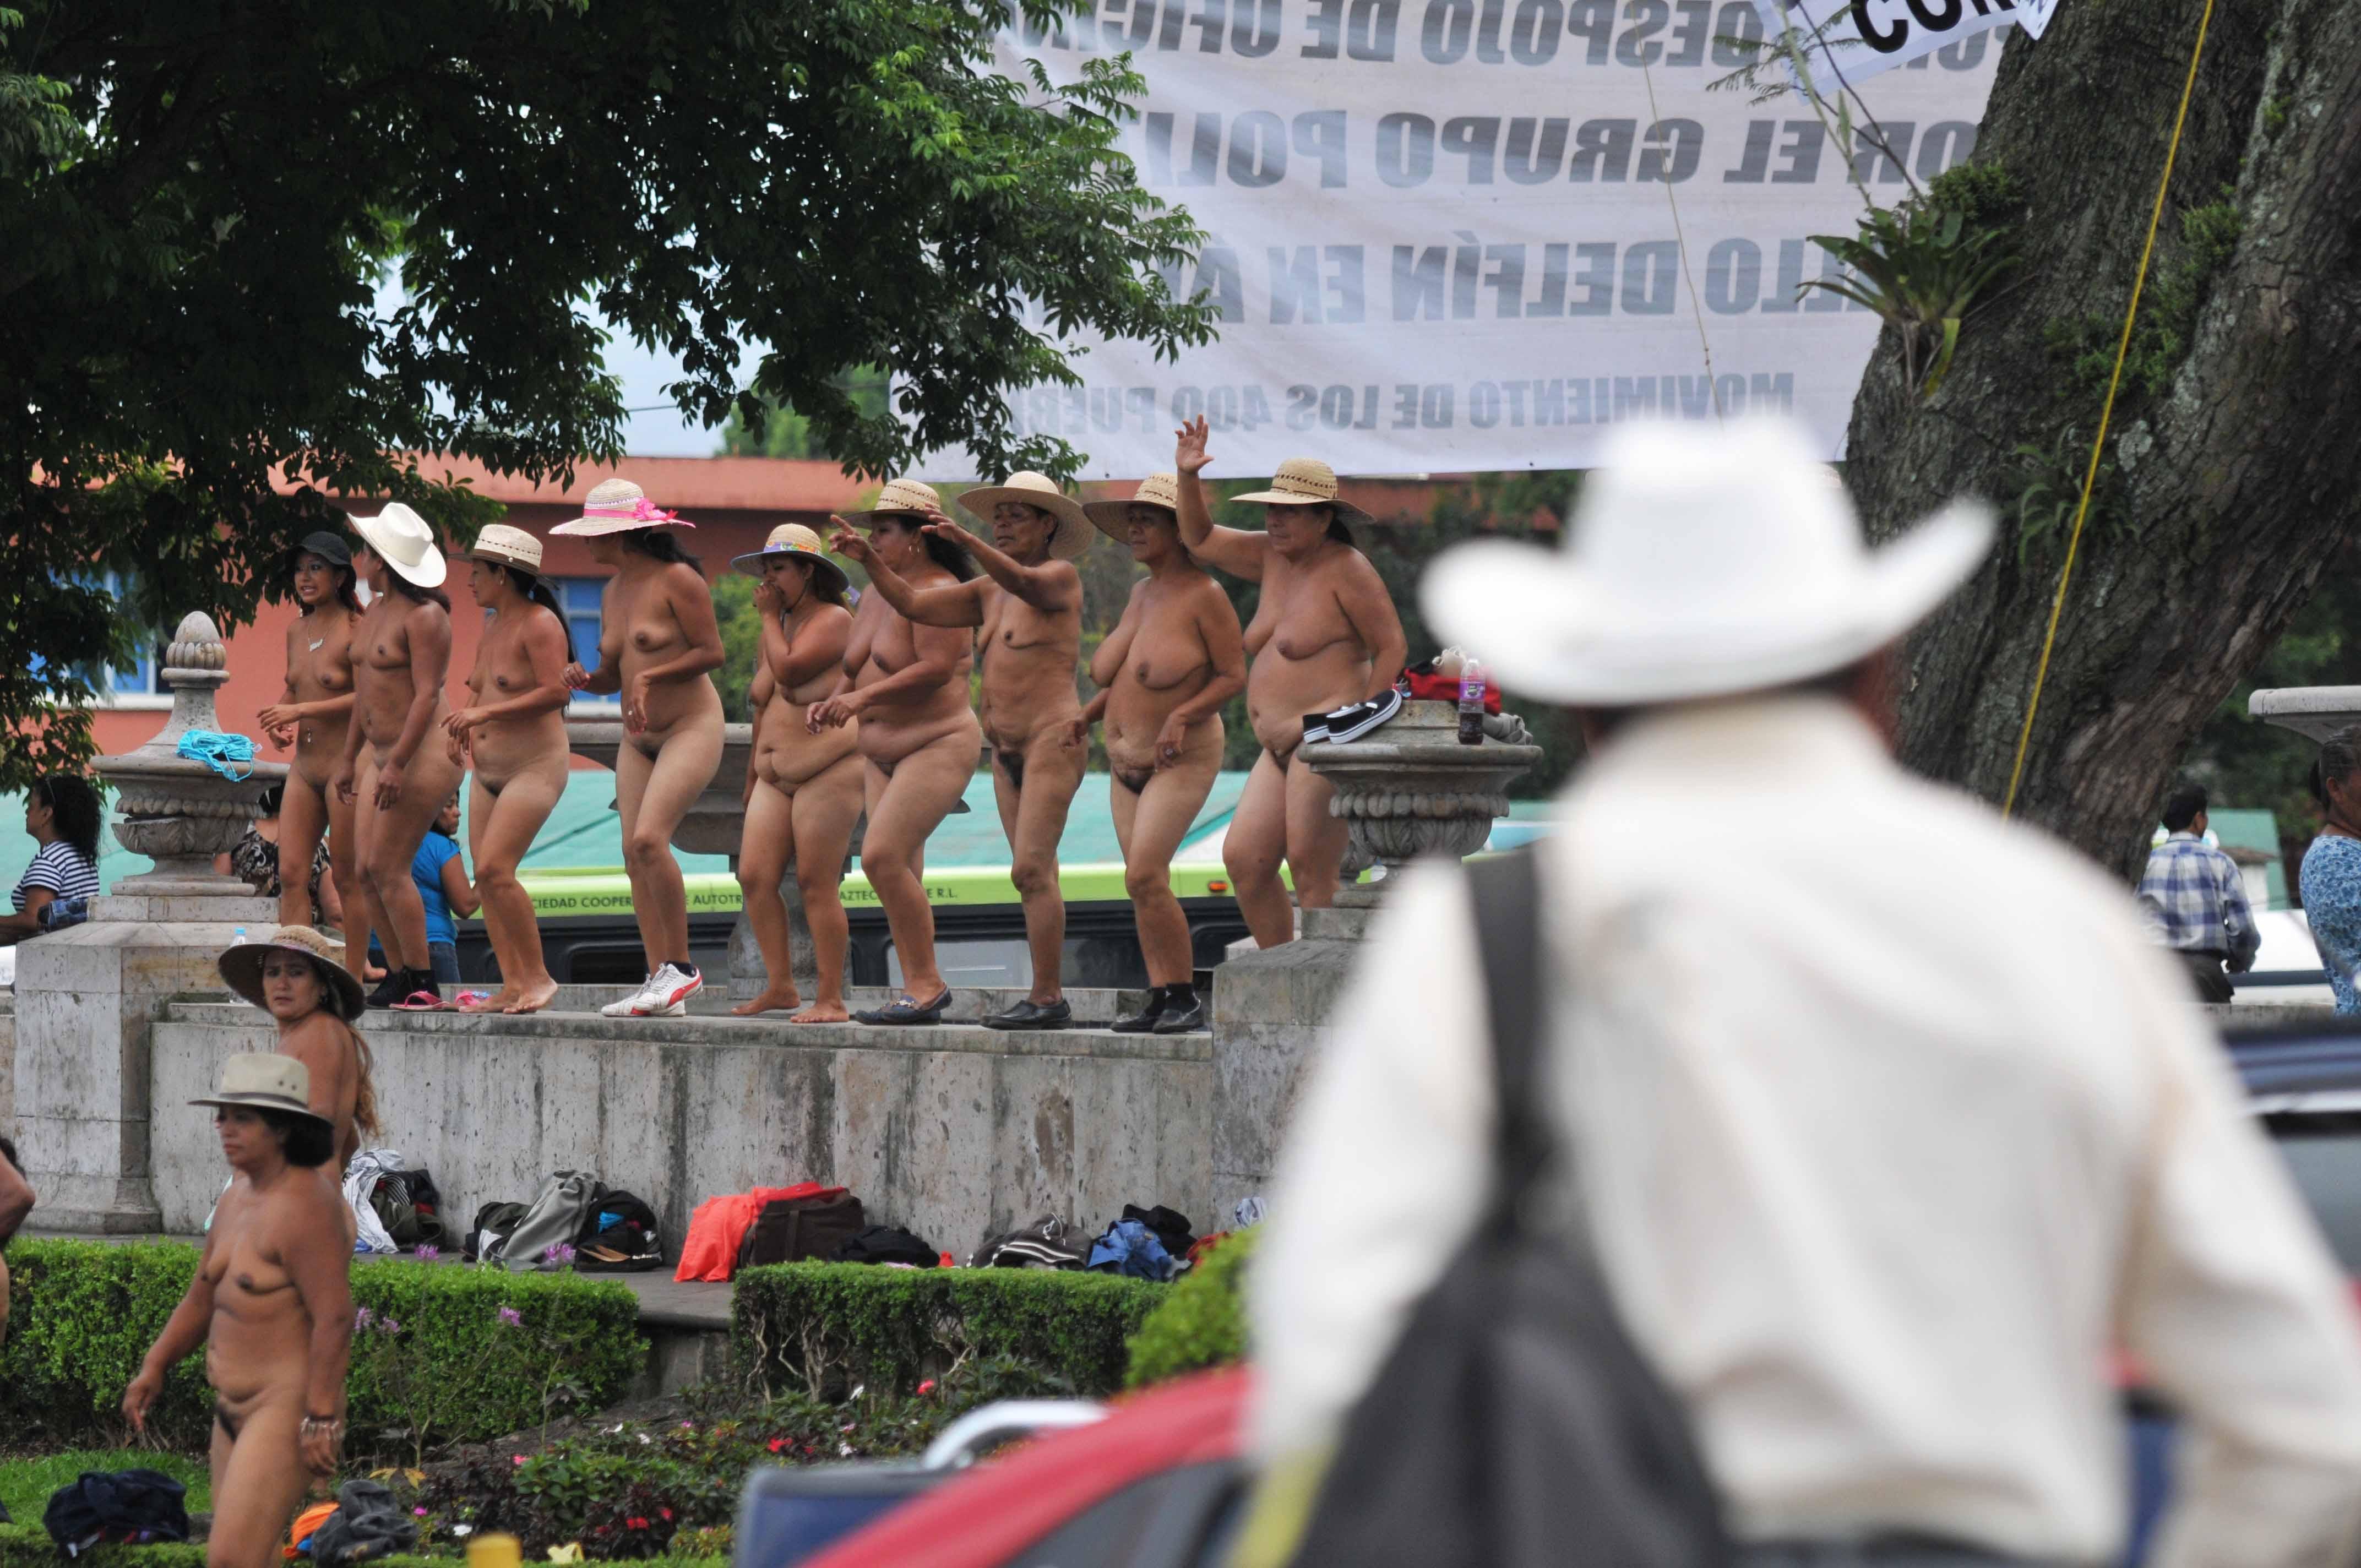 Protestas en la calle contra la industria porno - 3 8